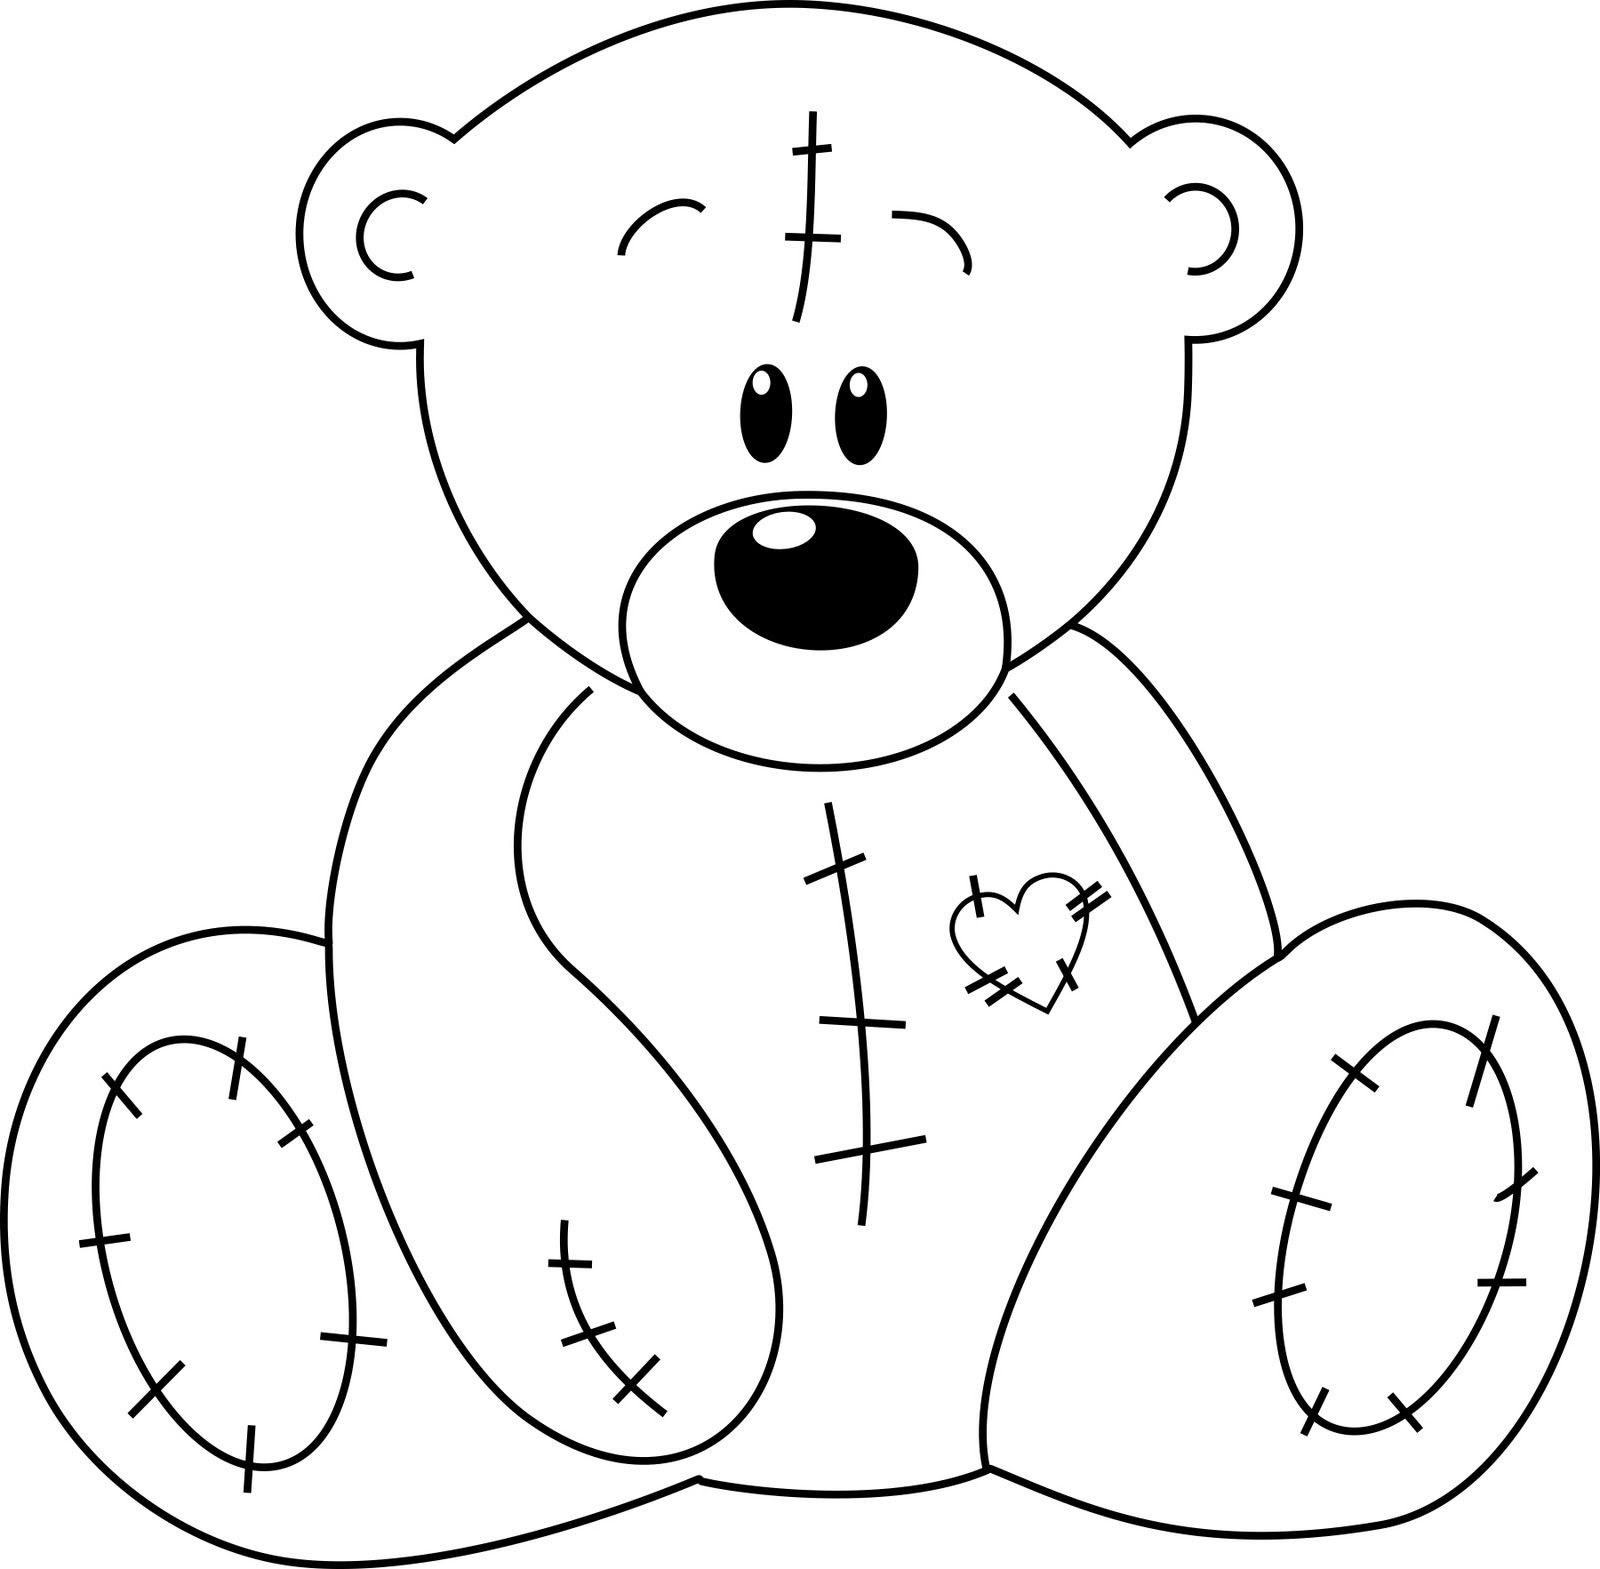 1600x1569 Drawn Teddy Bear Stitched Up